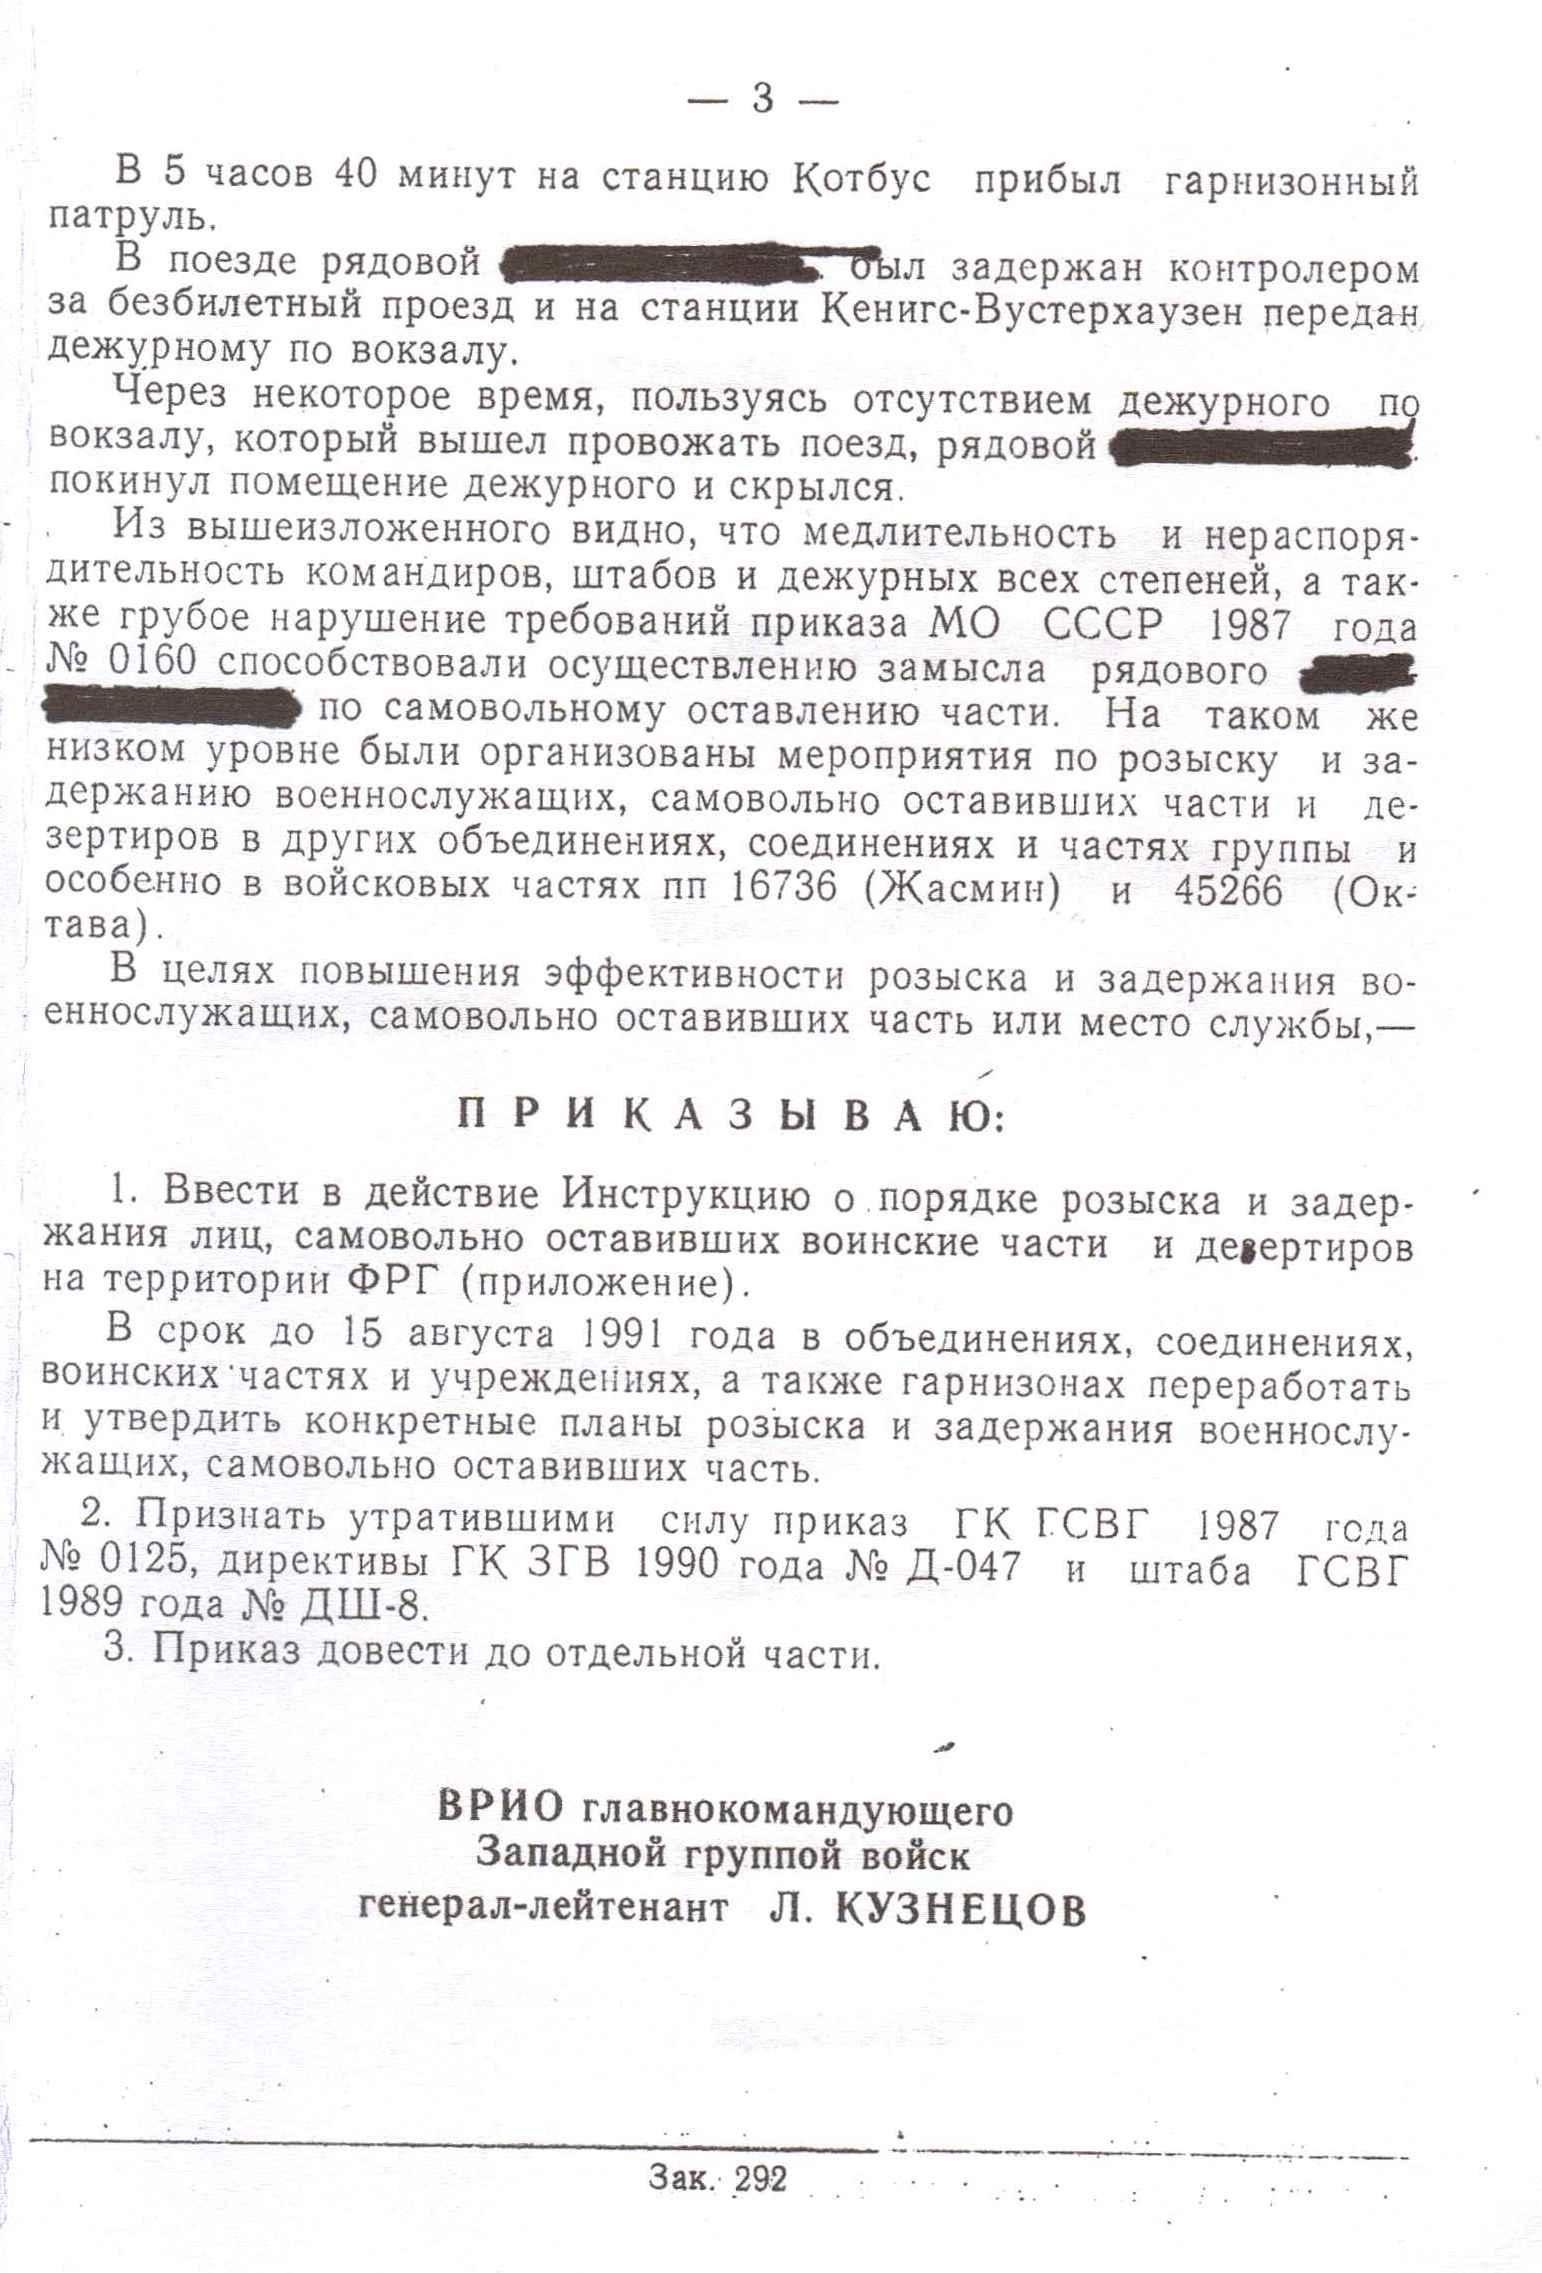 http://sh.uploads.ru/Vvhe2.jpg